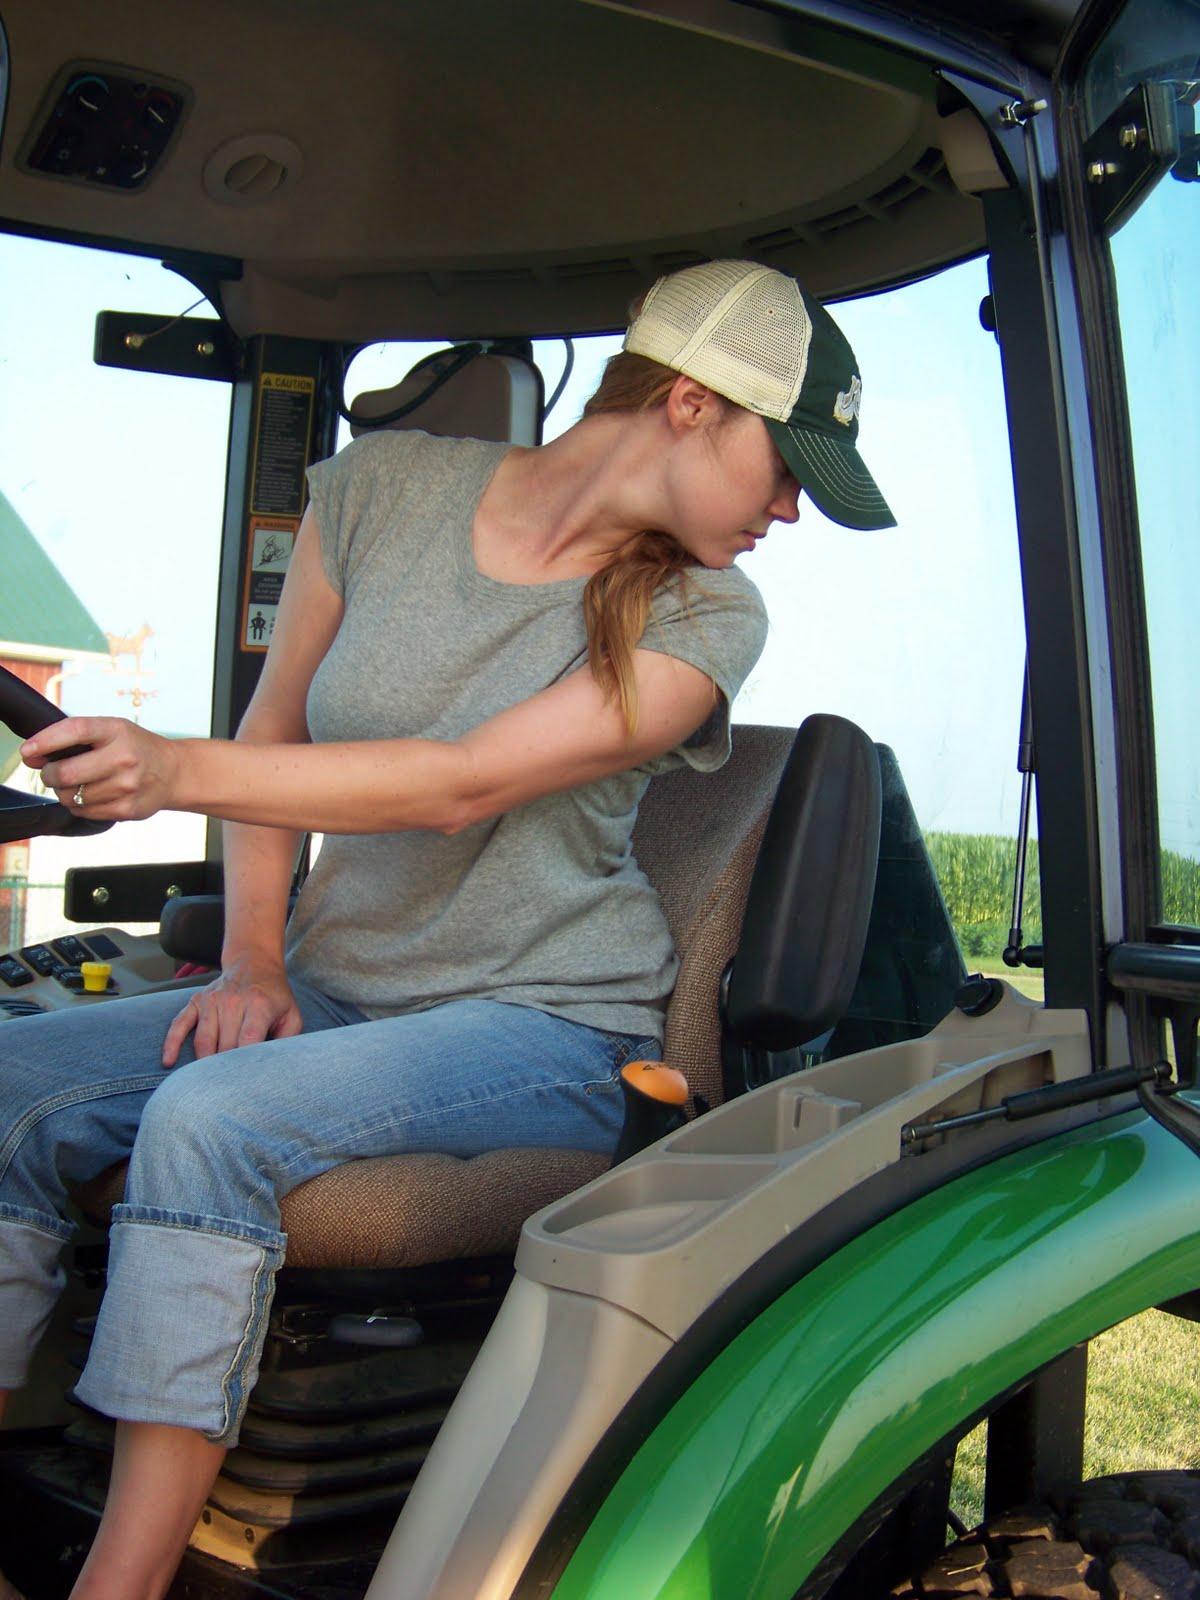 http://1.bp.blogspot.com/_Vx2FmMKE9w4/TECRJJJCpFI/AAAAAAAAAPo/4TF81gjDnIk/s1600/Tractors+101+Workshop+041.JPG